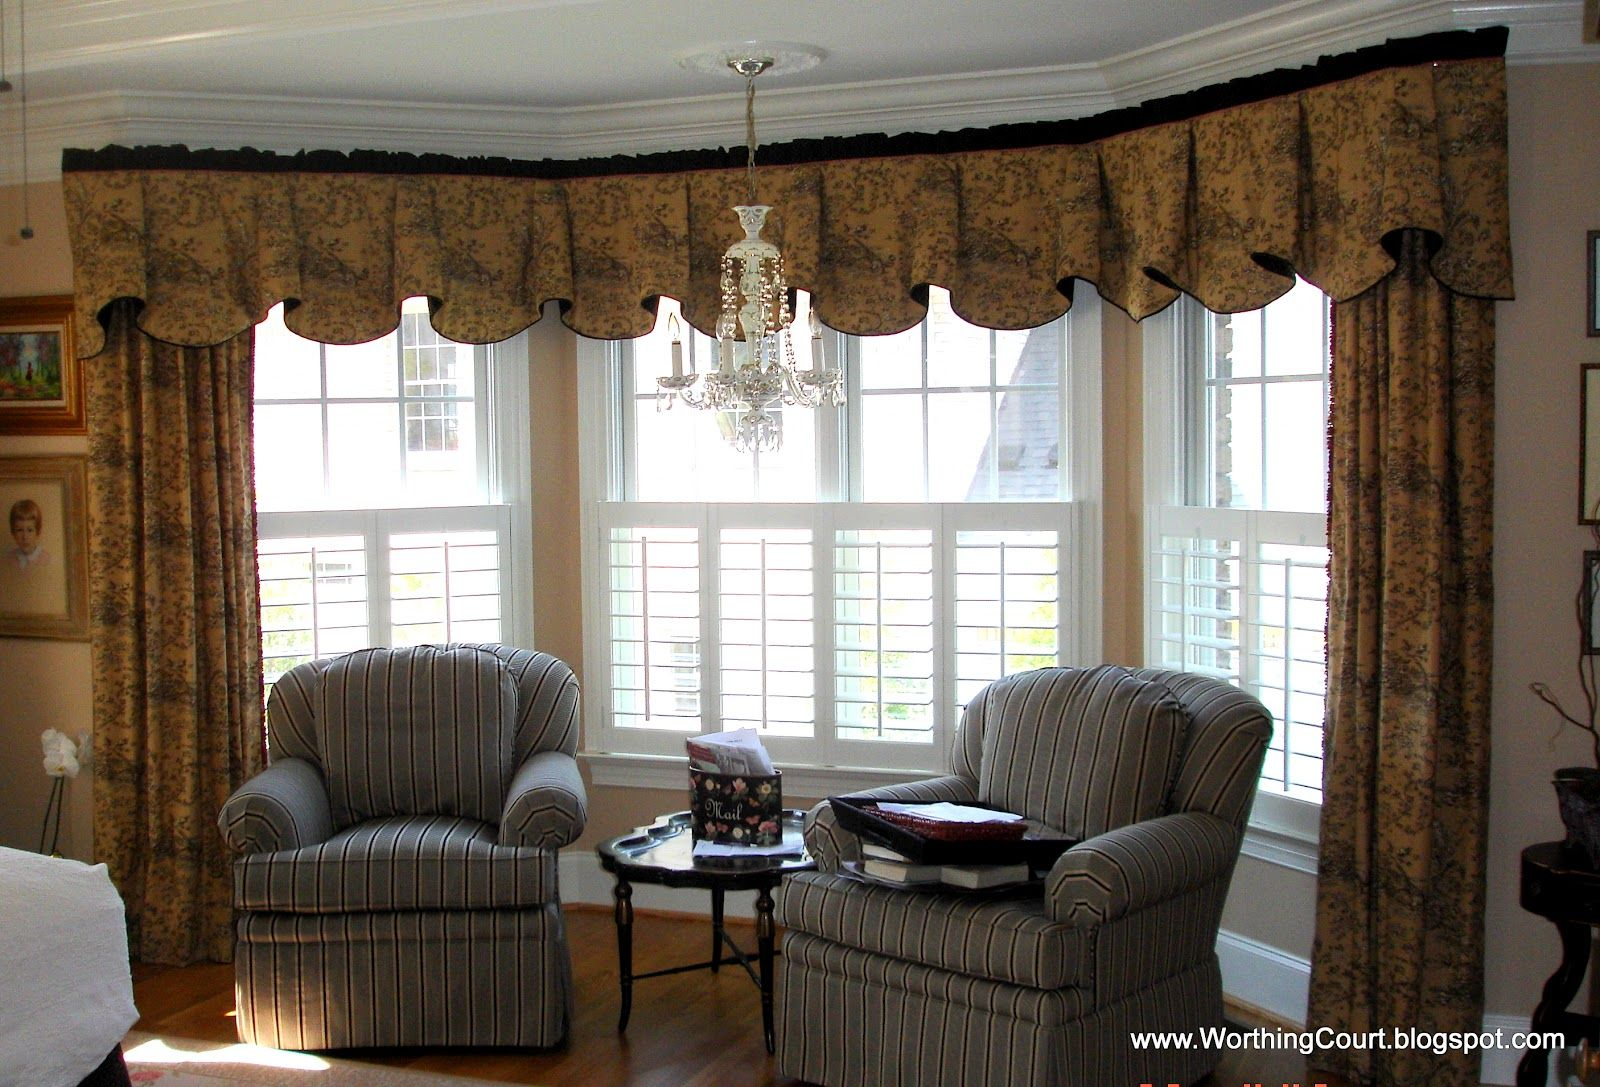 Window | window treatments | Window treatments living room ...